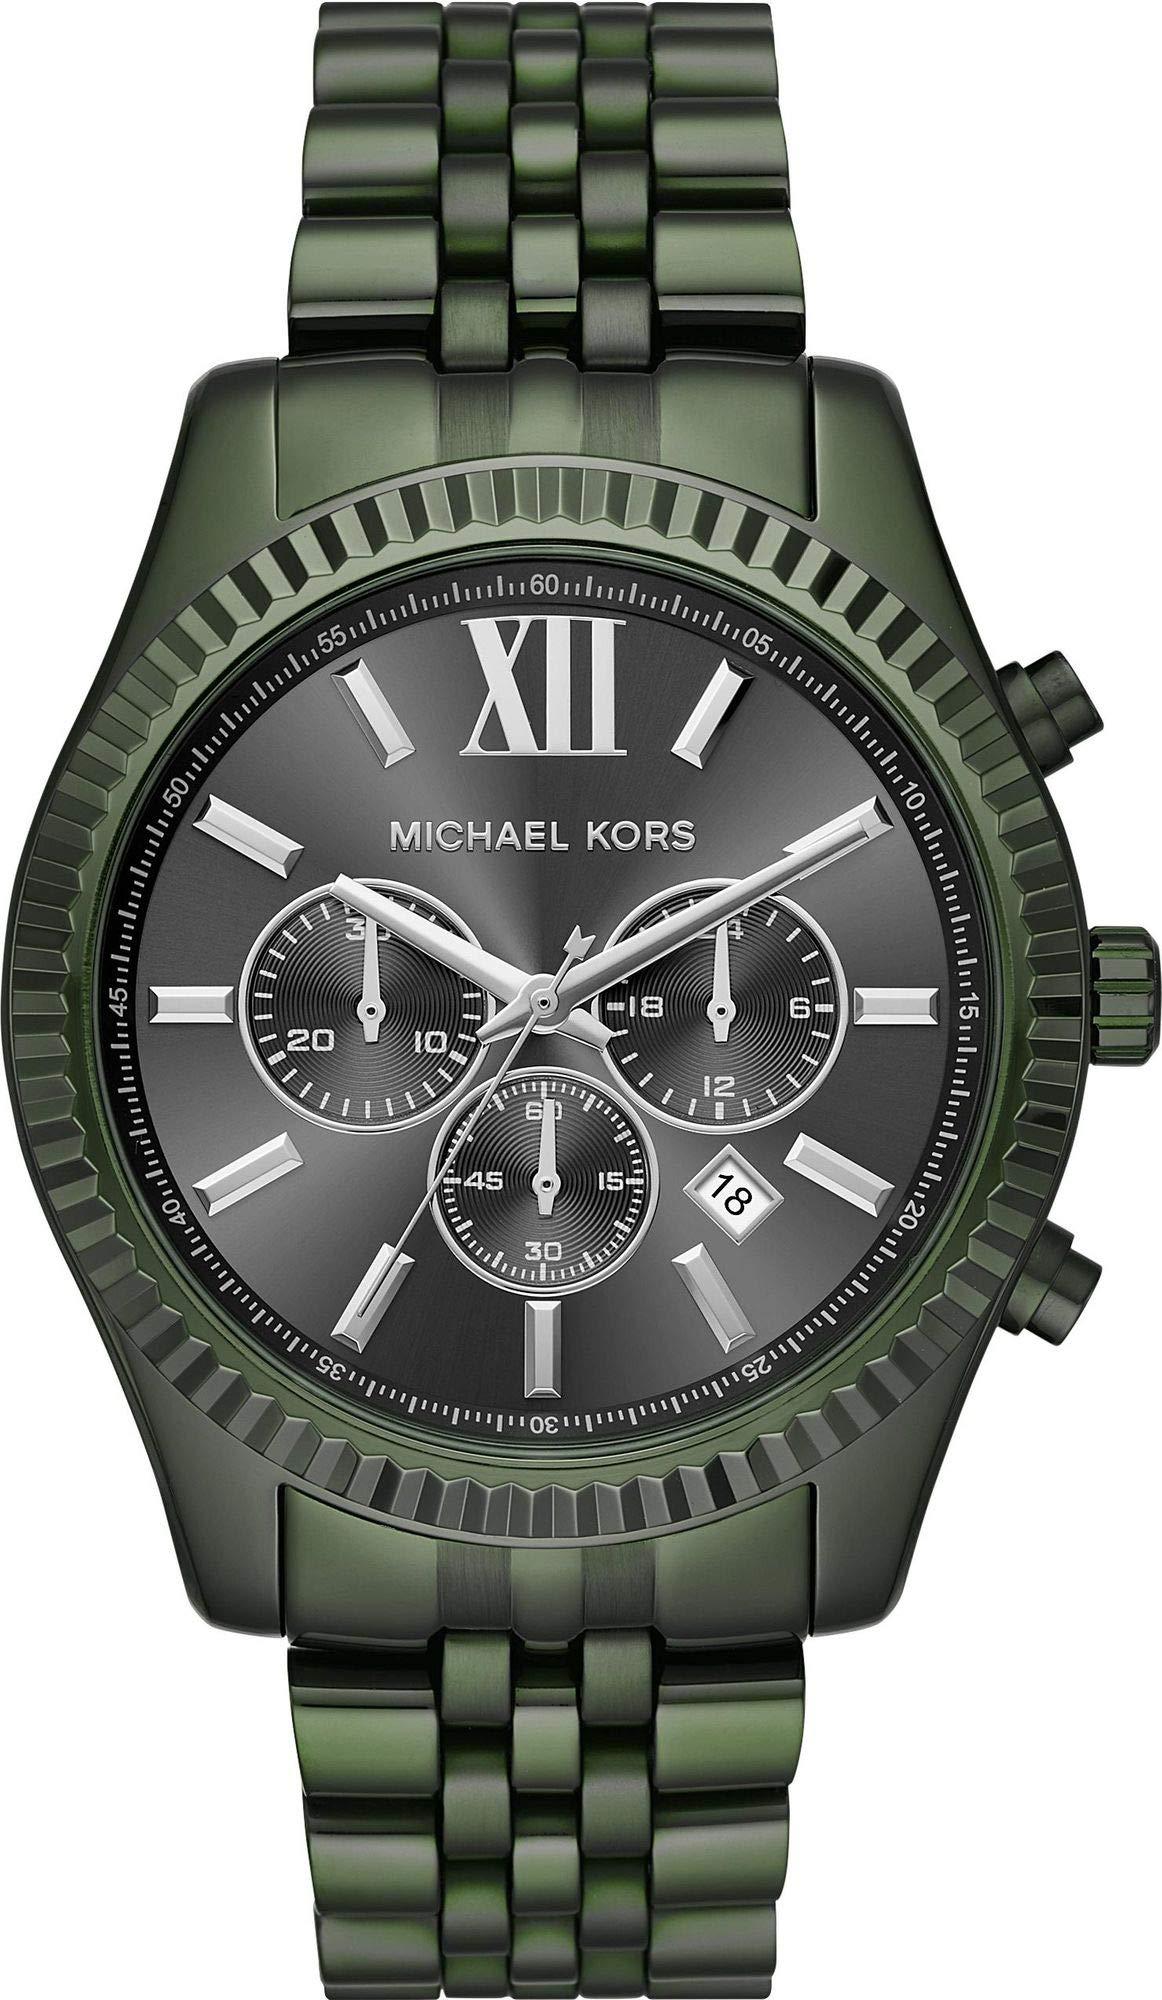 Michael Kors Reloj Analogico para Hombre de Cuarzo con Correa en Acero Inoxidable MK8604